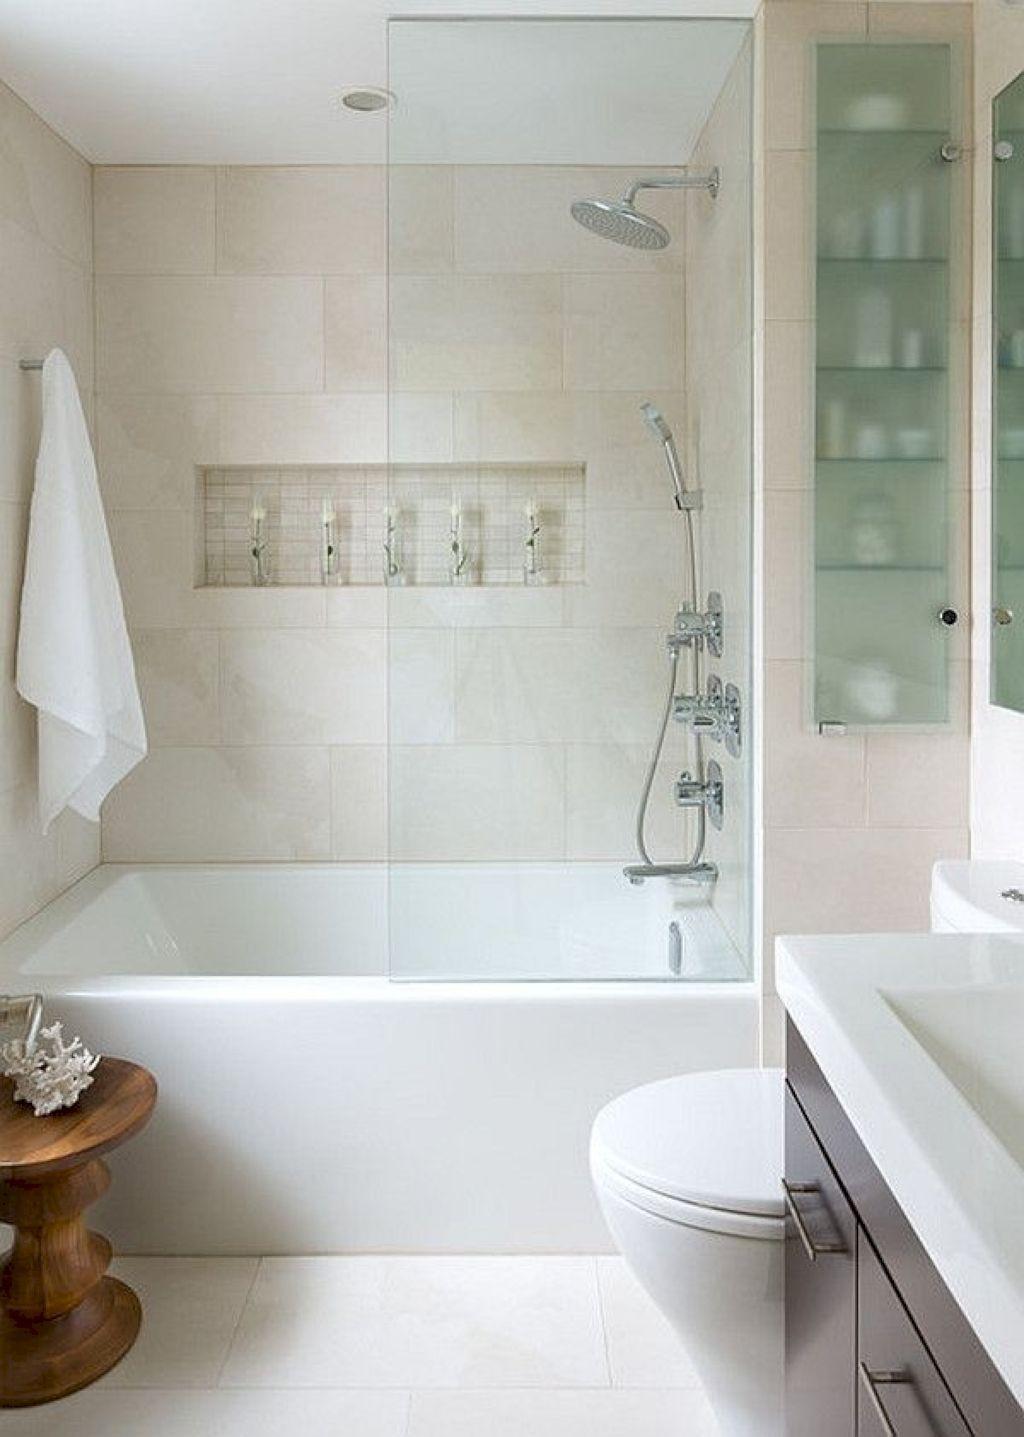 Awesome 41 Gorgeous Small Bathroom Decor Ideas https://bellezaroom ...